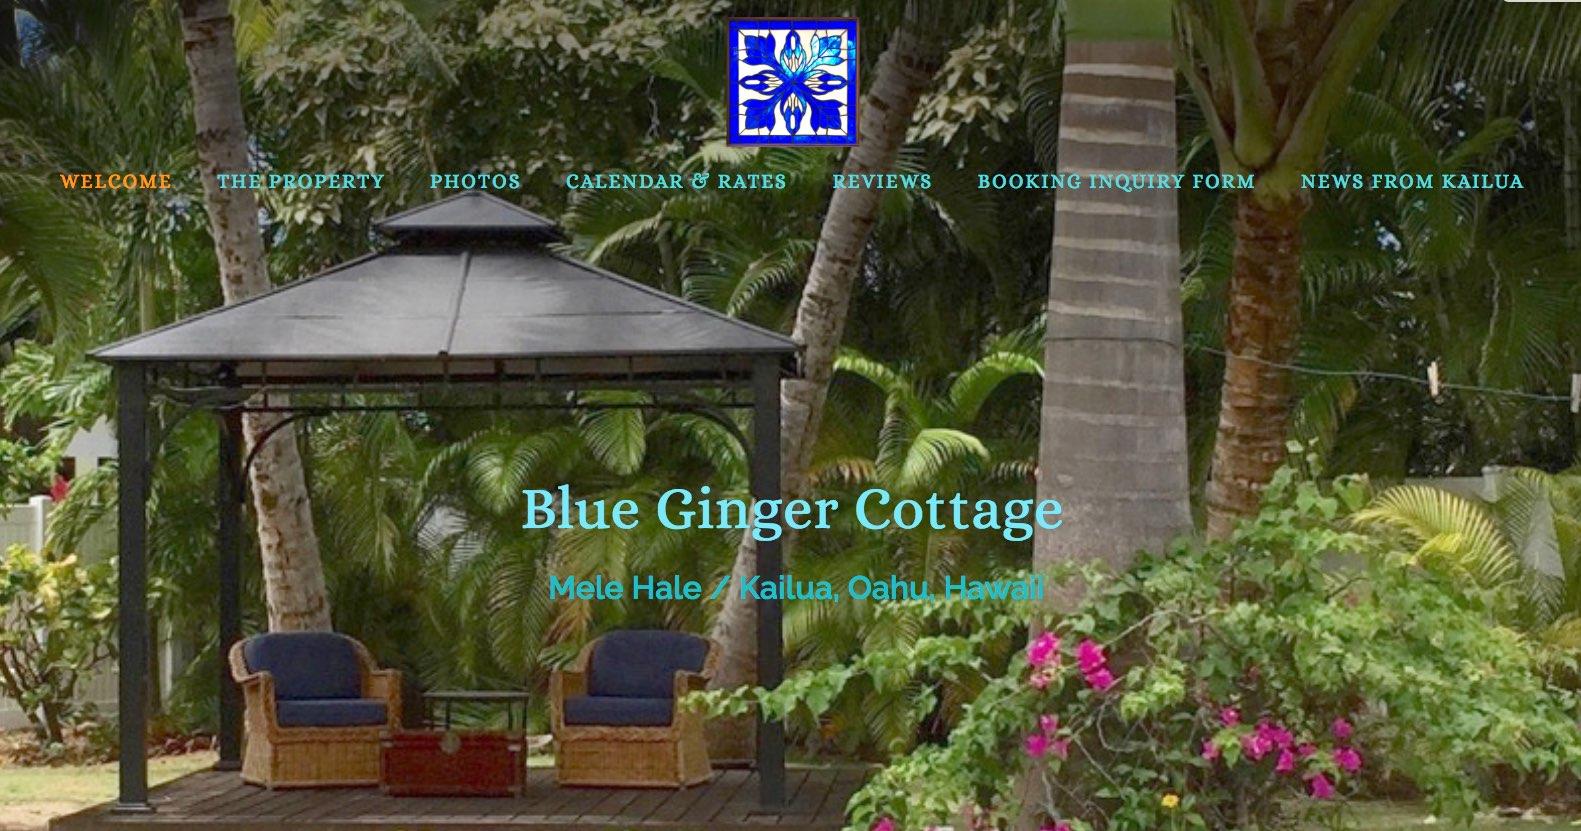 Blue Ginger Cottage